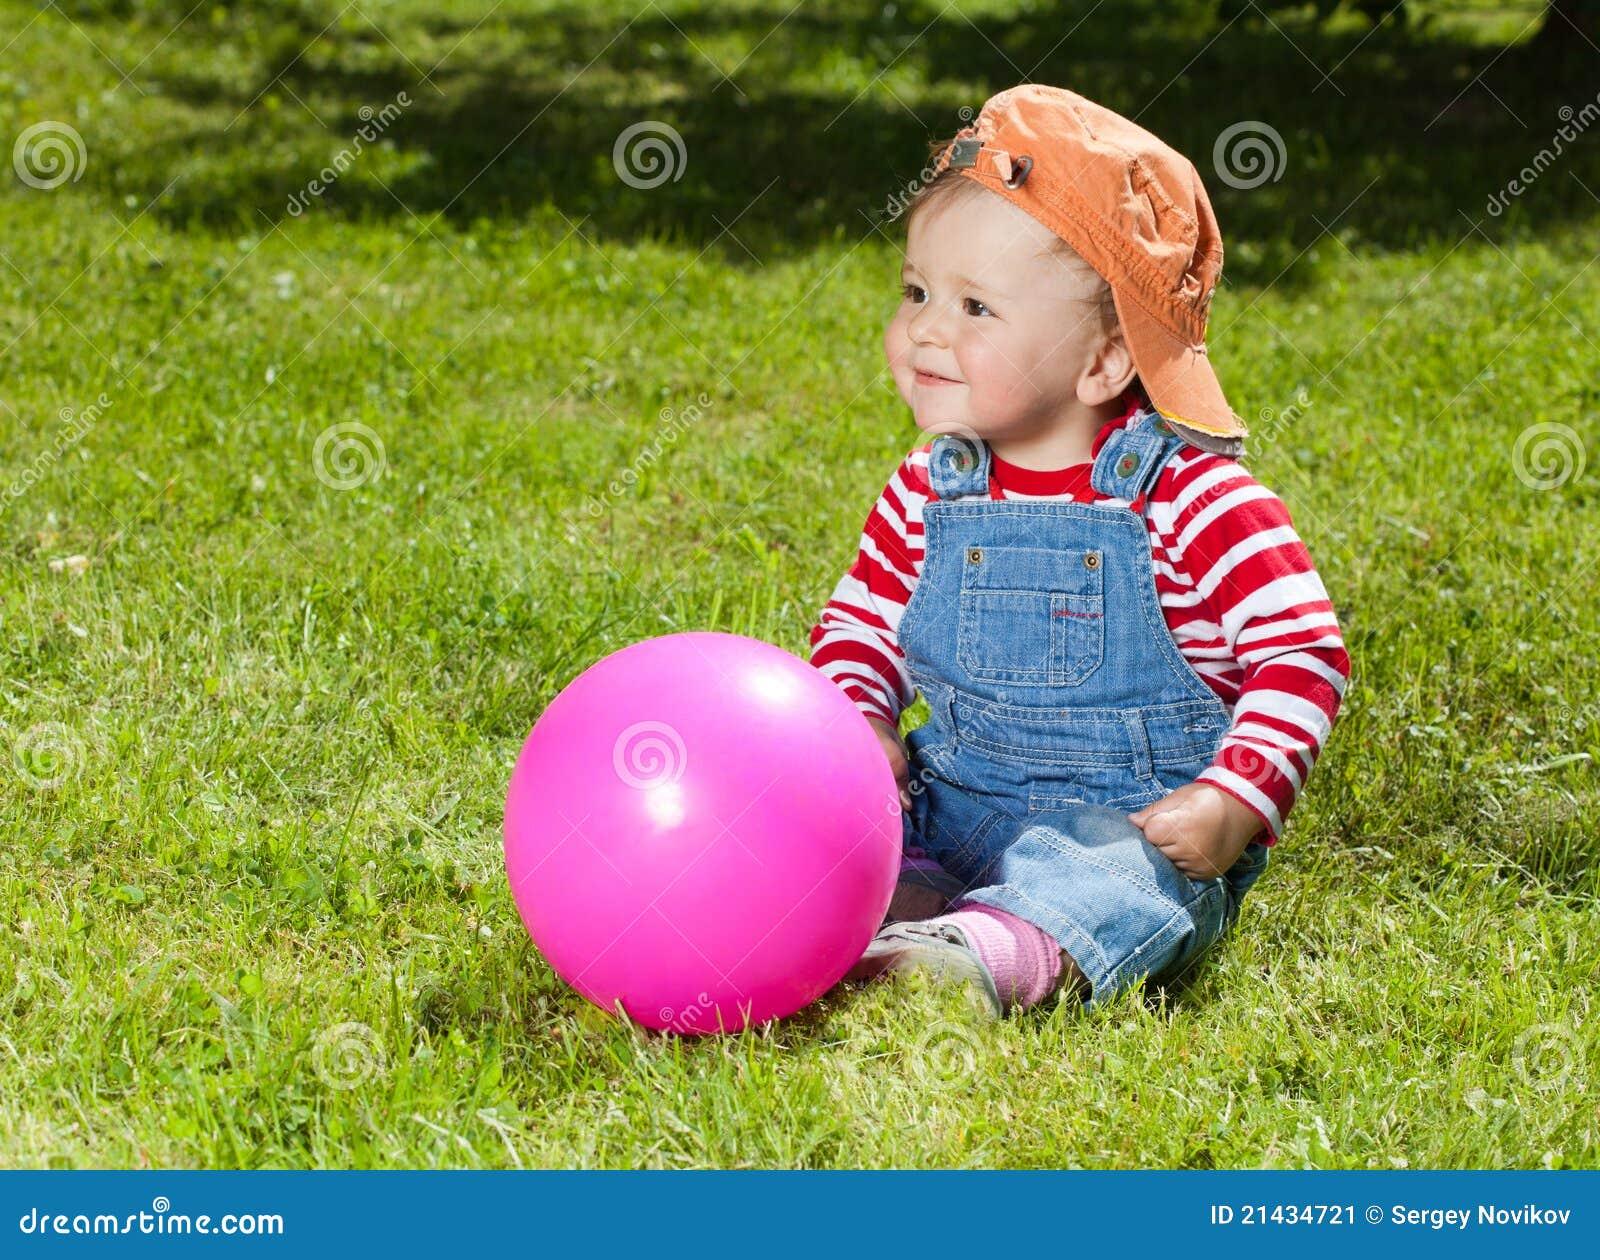 kleinkind sitzen mit kugel im garten stockbild bild 21434721. Black Bedroom Furniture Sets. Home Design Ideas